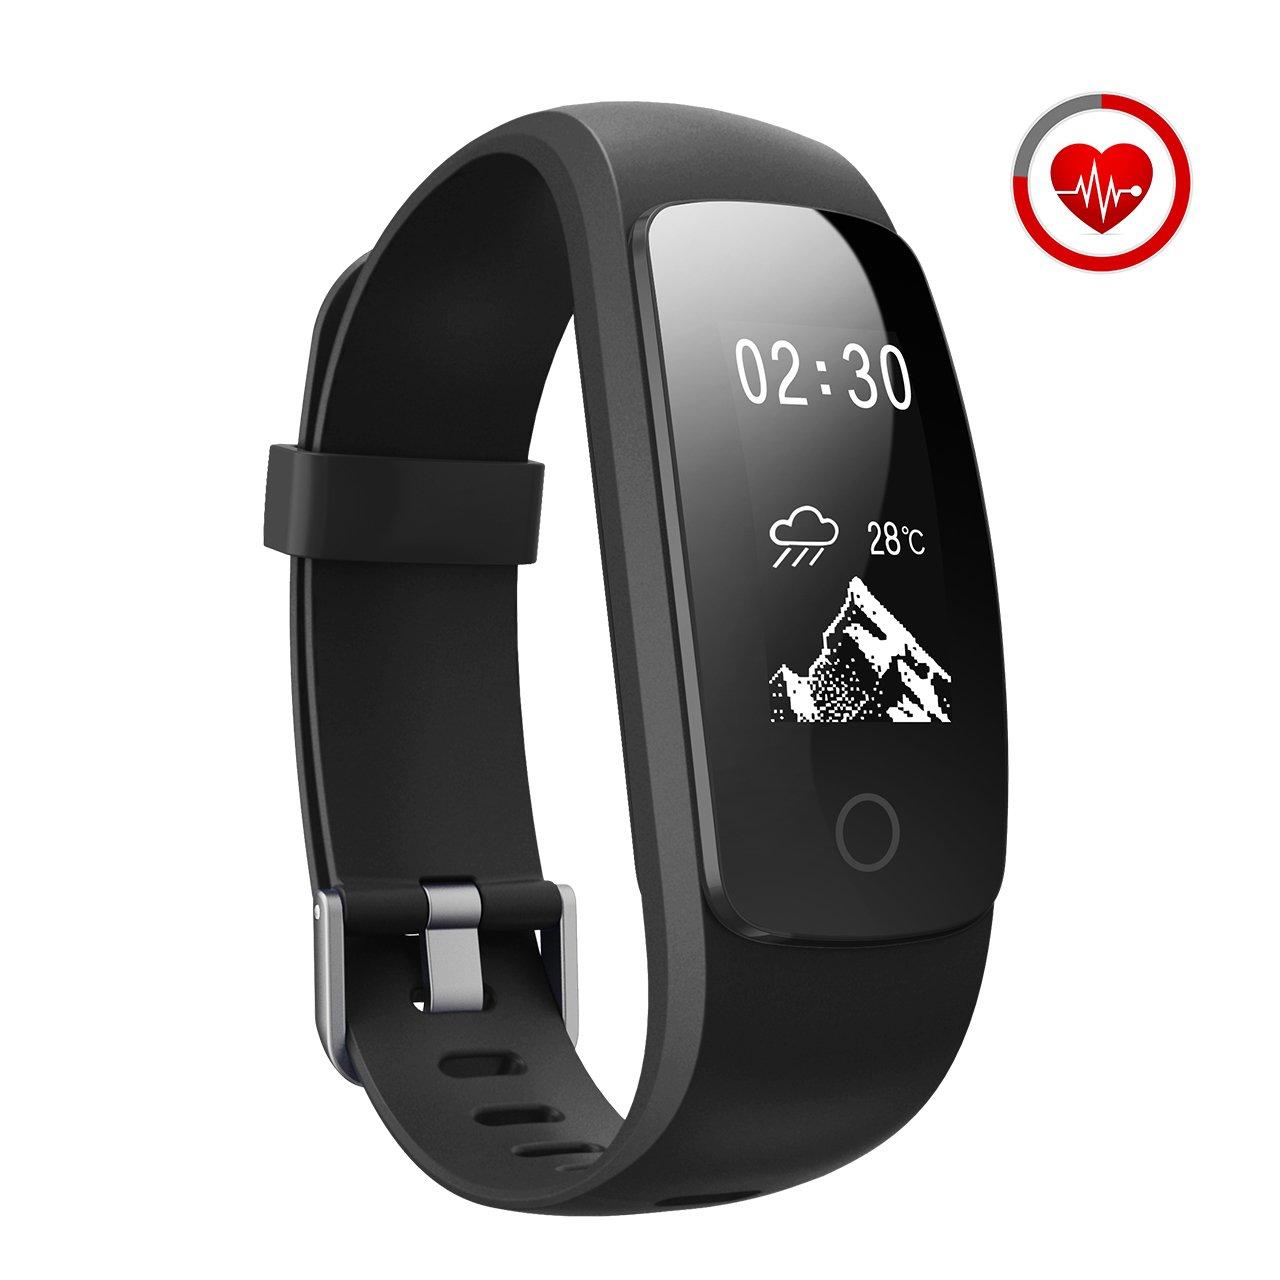 Activity Tracker IP67, Mpow Orologio Cardiofrequenzimetro Contapassi da Polso Donna, Bracciale Fitness Tracker Uomo Fit Watch Calorie Pedometro IP67 per Outdoor Corsa e Ciclismo per iOS Android, Nero